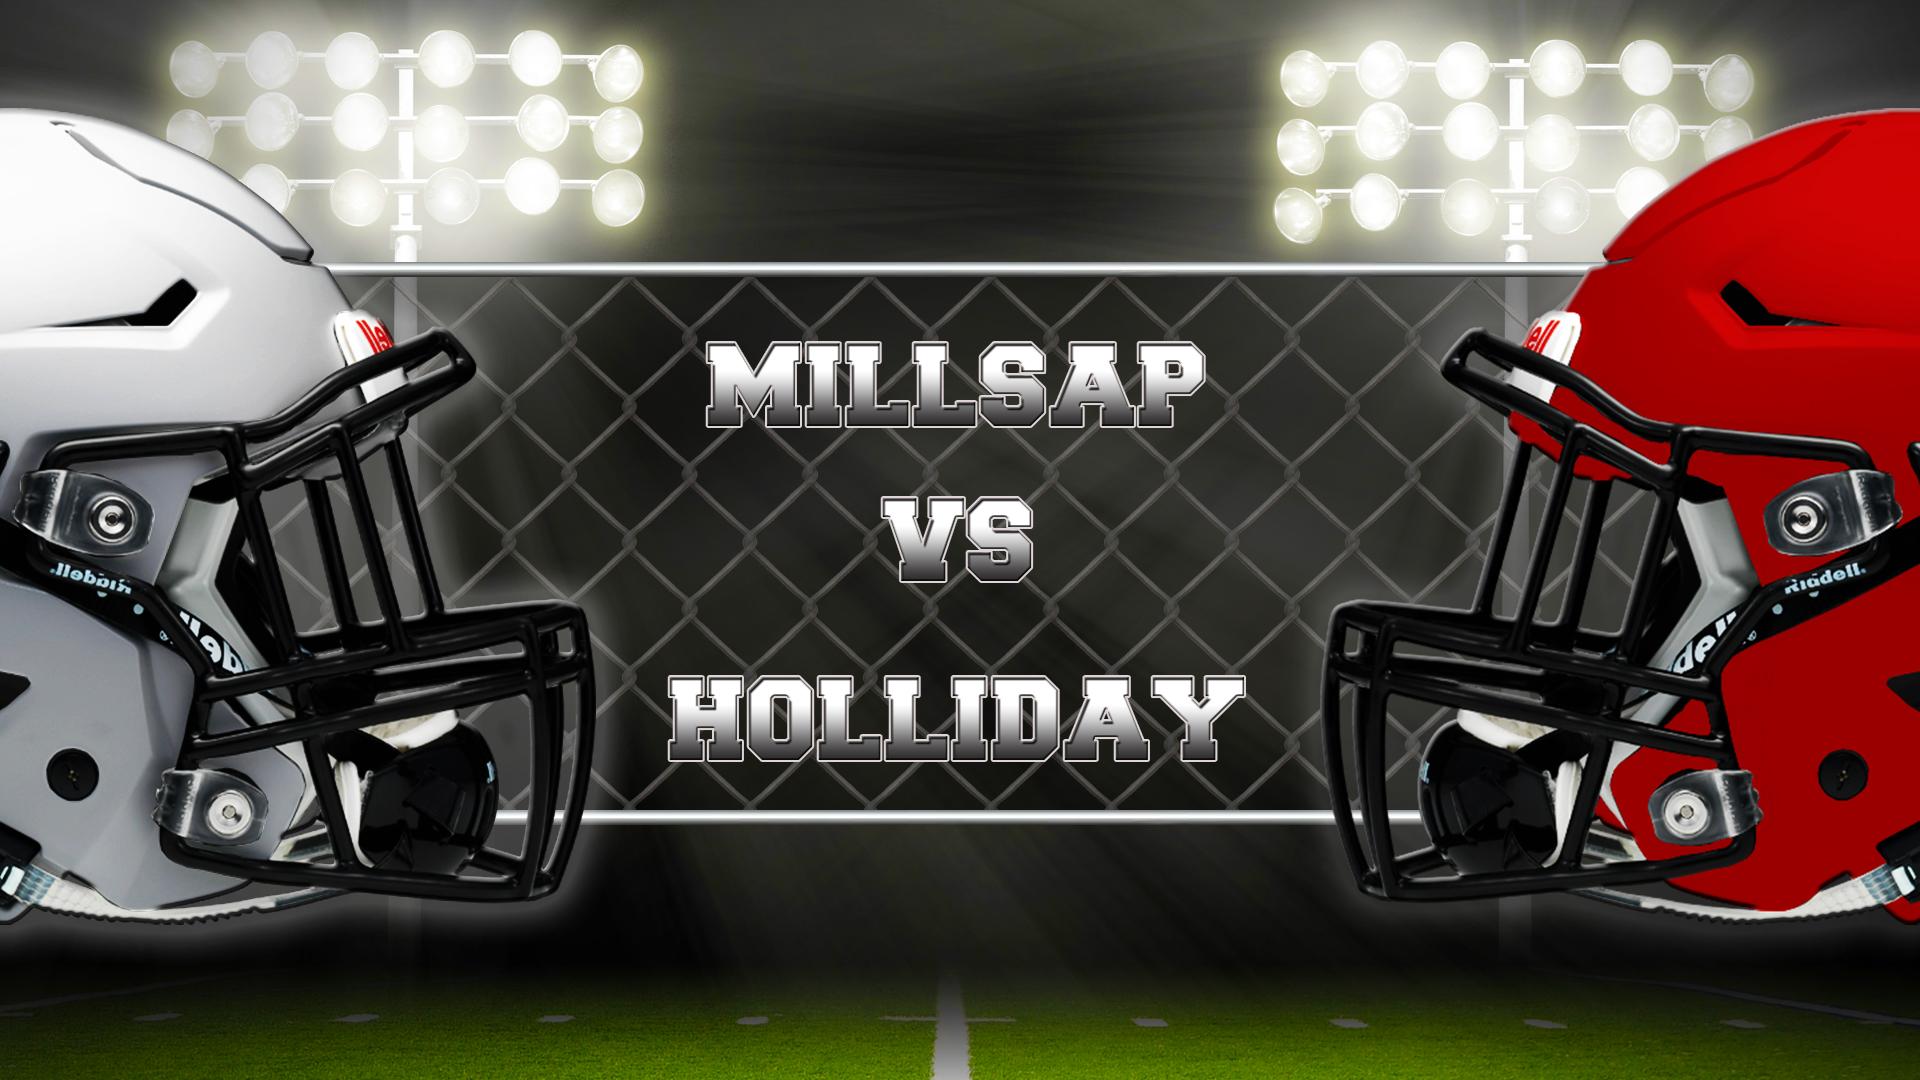 Millsap vs Holliday_1477663578289.jpg